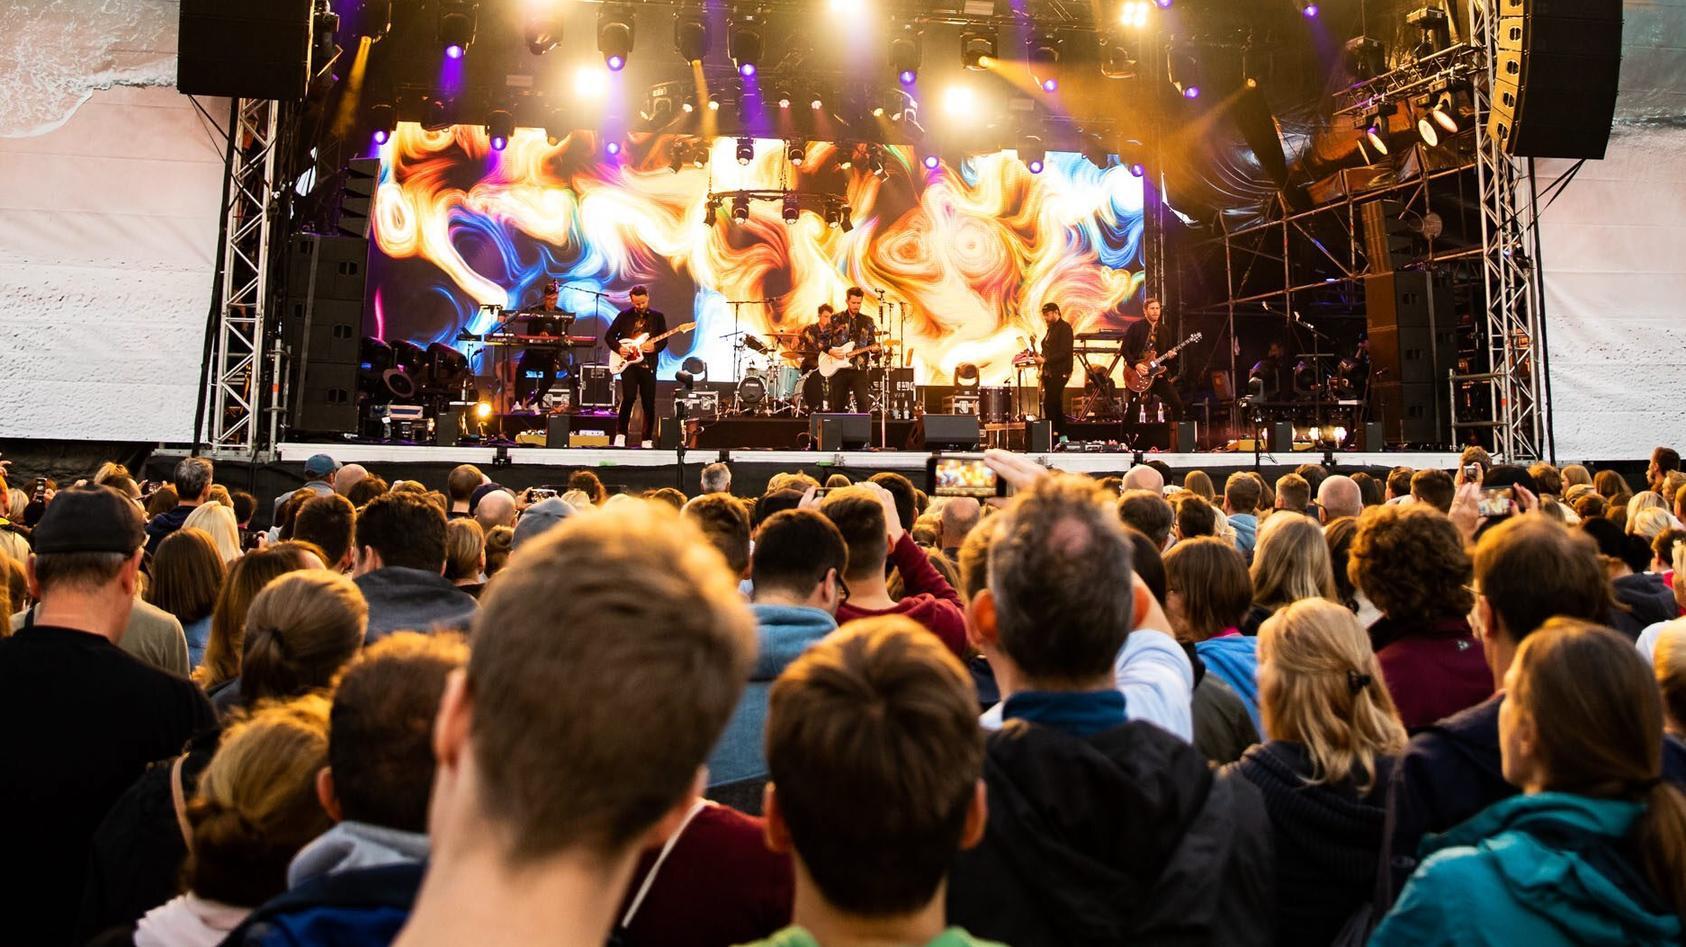 Für Konzerte soll es ab Ende September eine Impfpflicht geben - auch für das Personal und die Künstler.